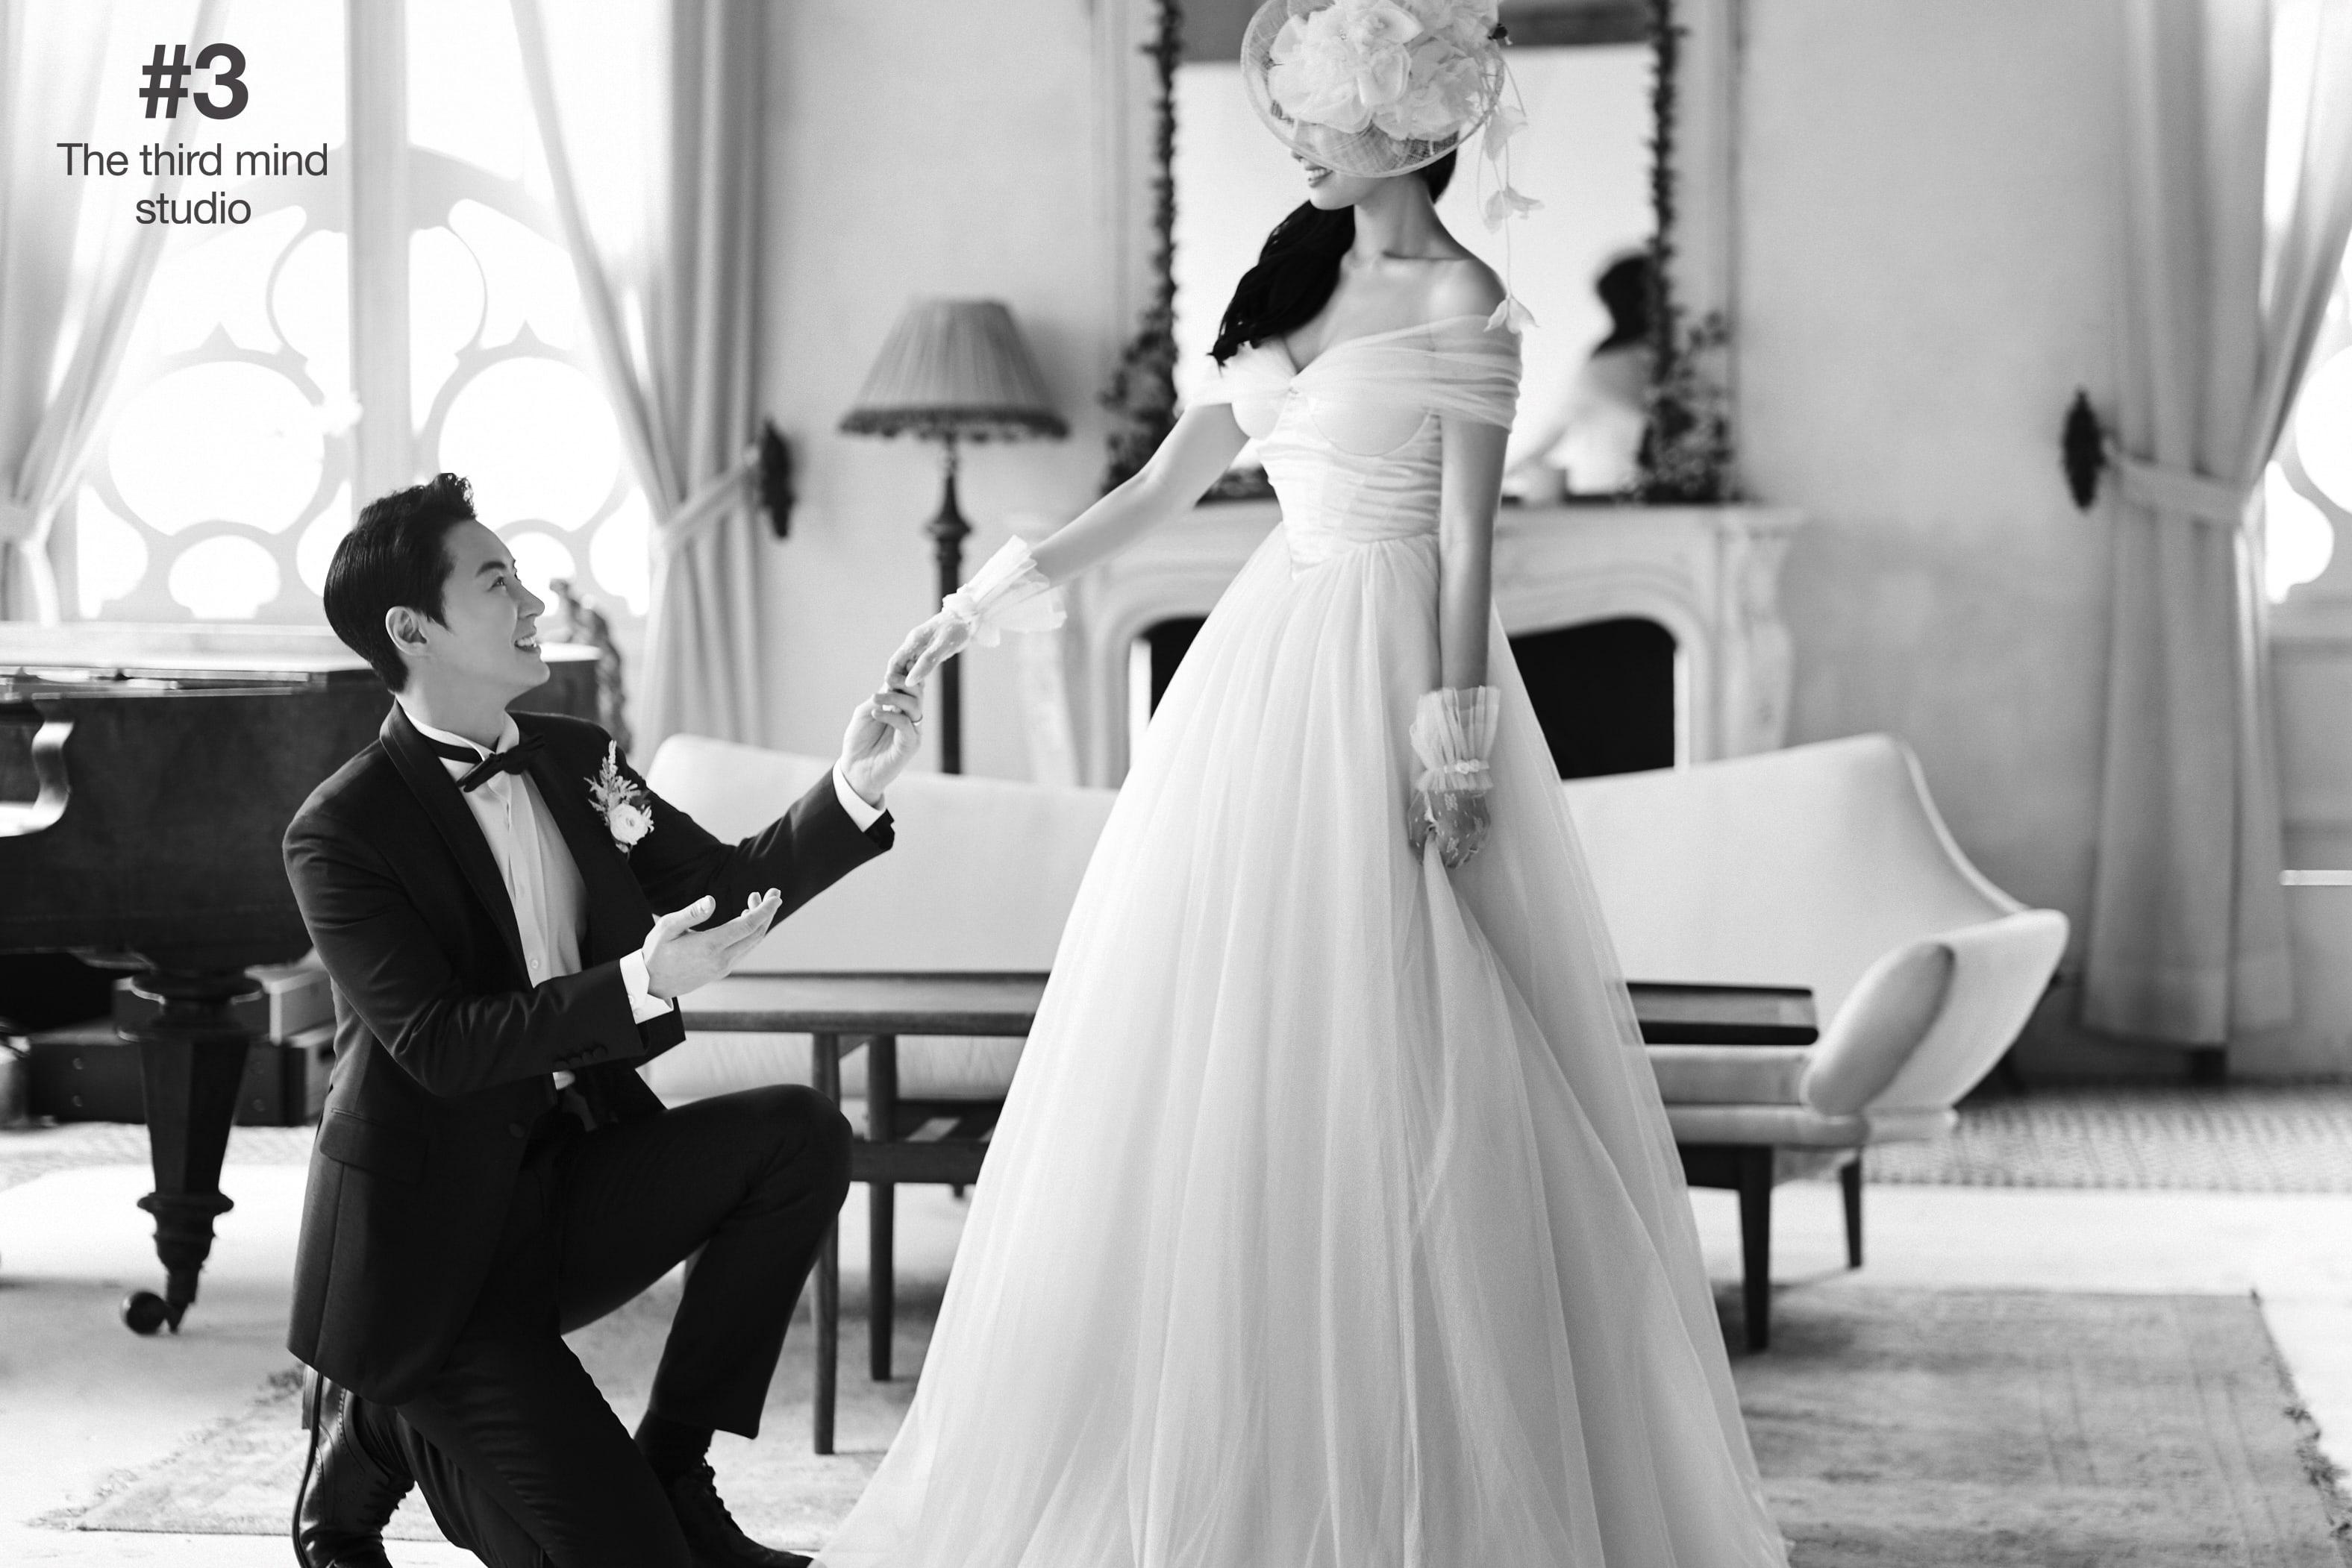 Shinhwas Jun Jin Shares Wedding Photos On The Day Of His